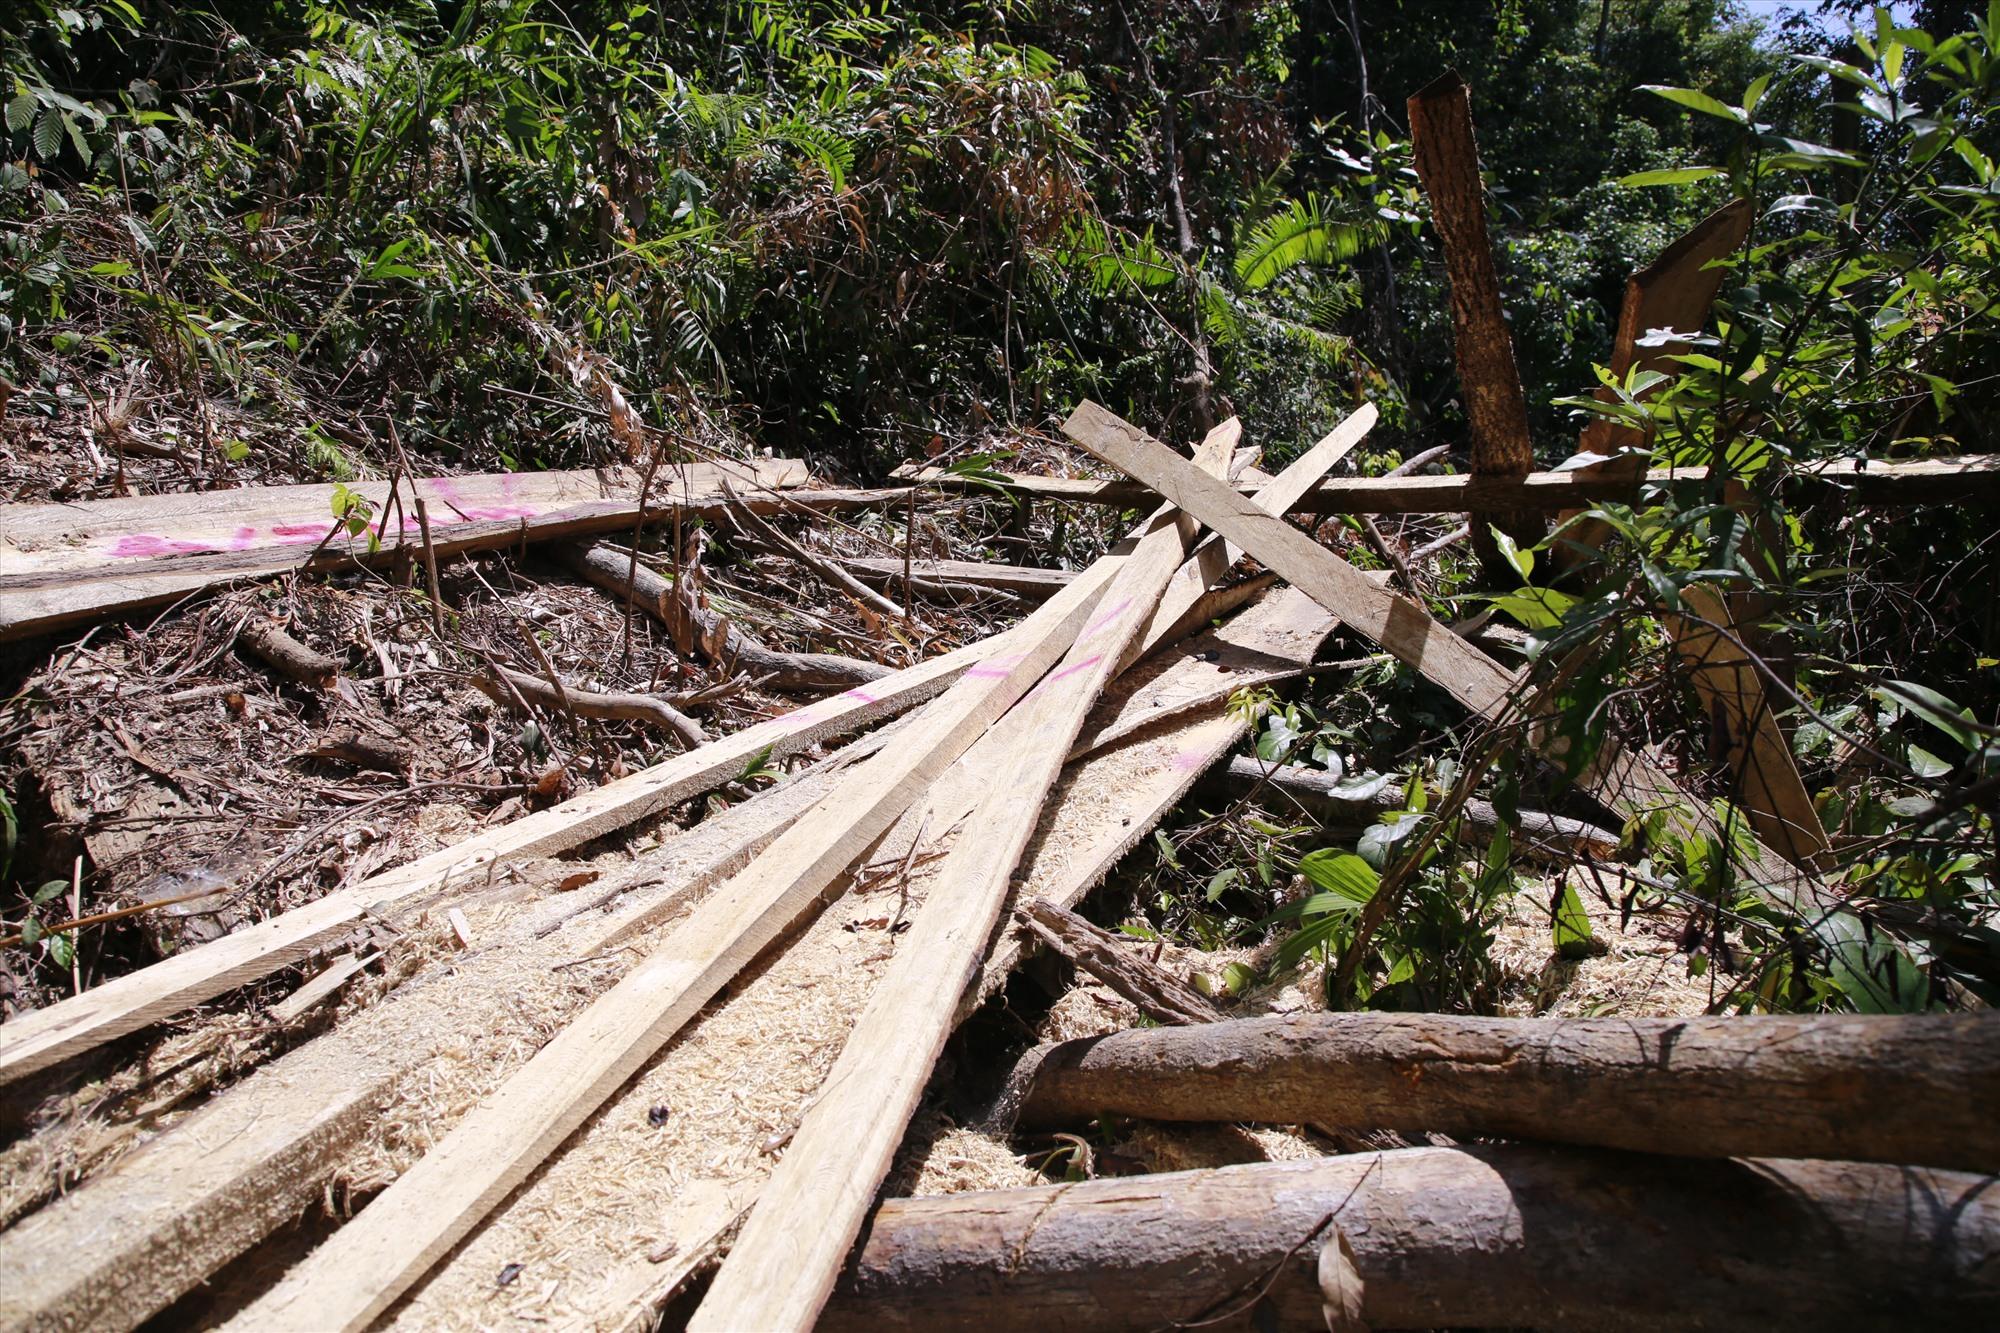 Một thân gỗ lớn đã bị các đối tượng xẻ, lấy đi phần lõi. Ảnh: T.C